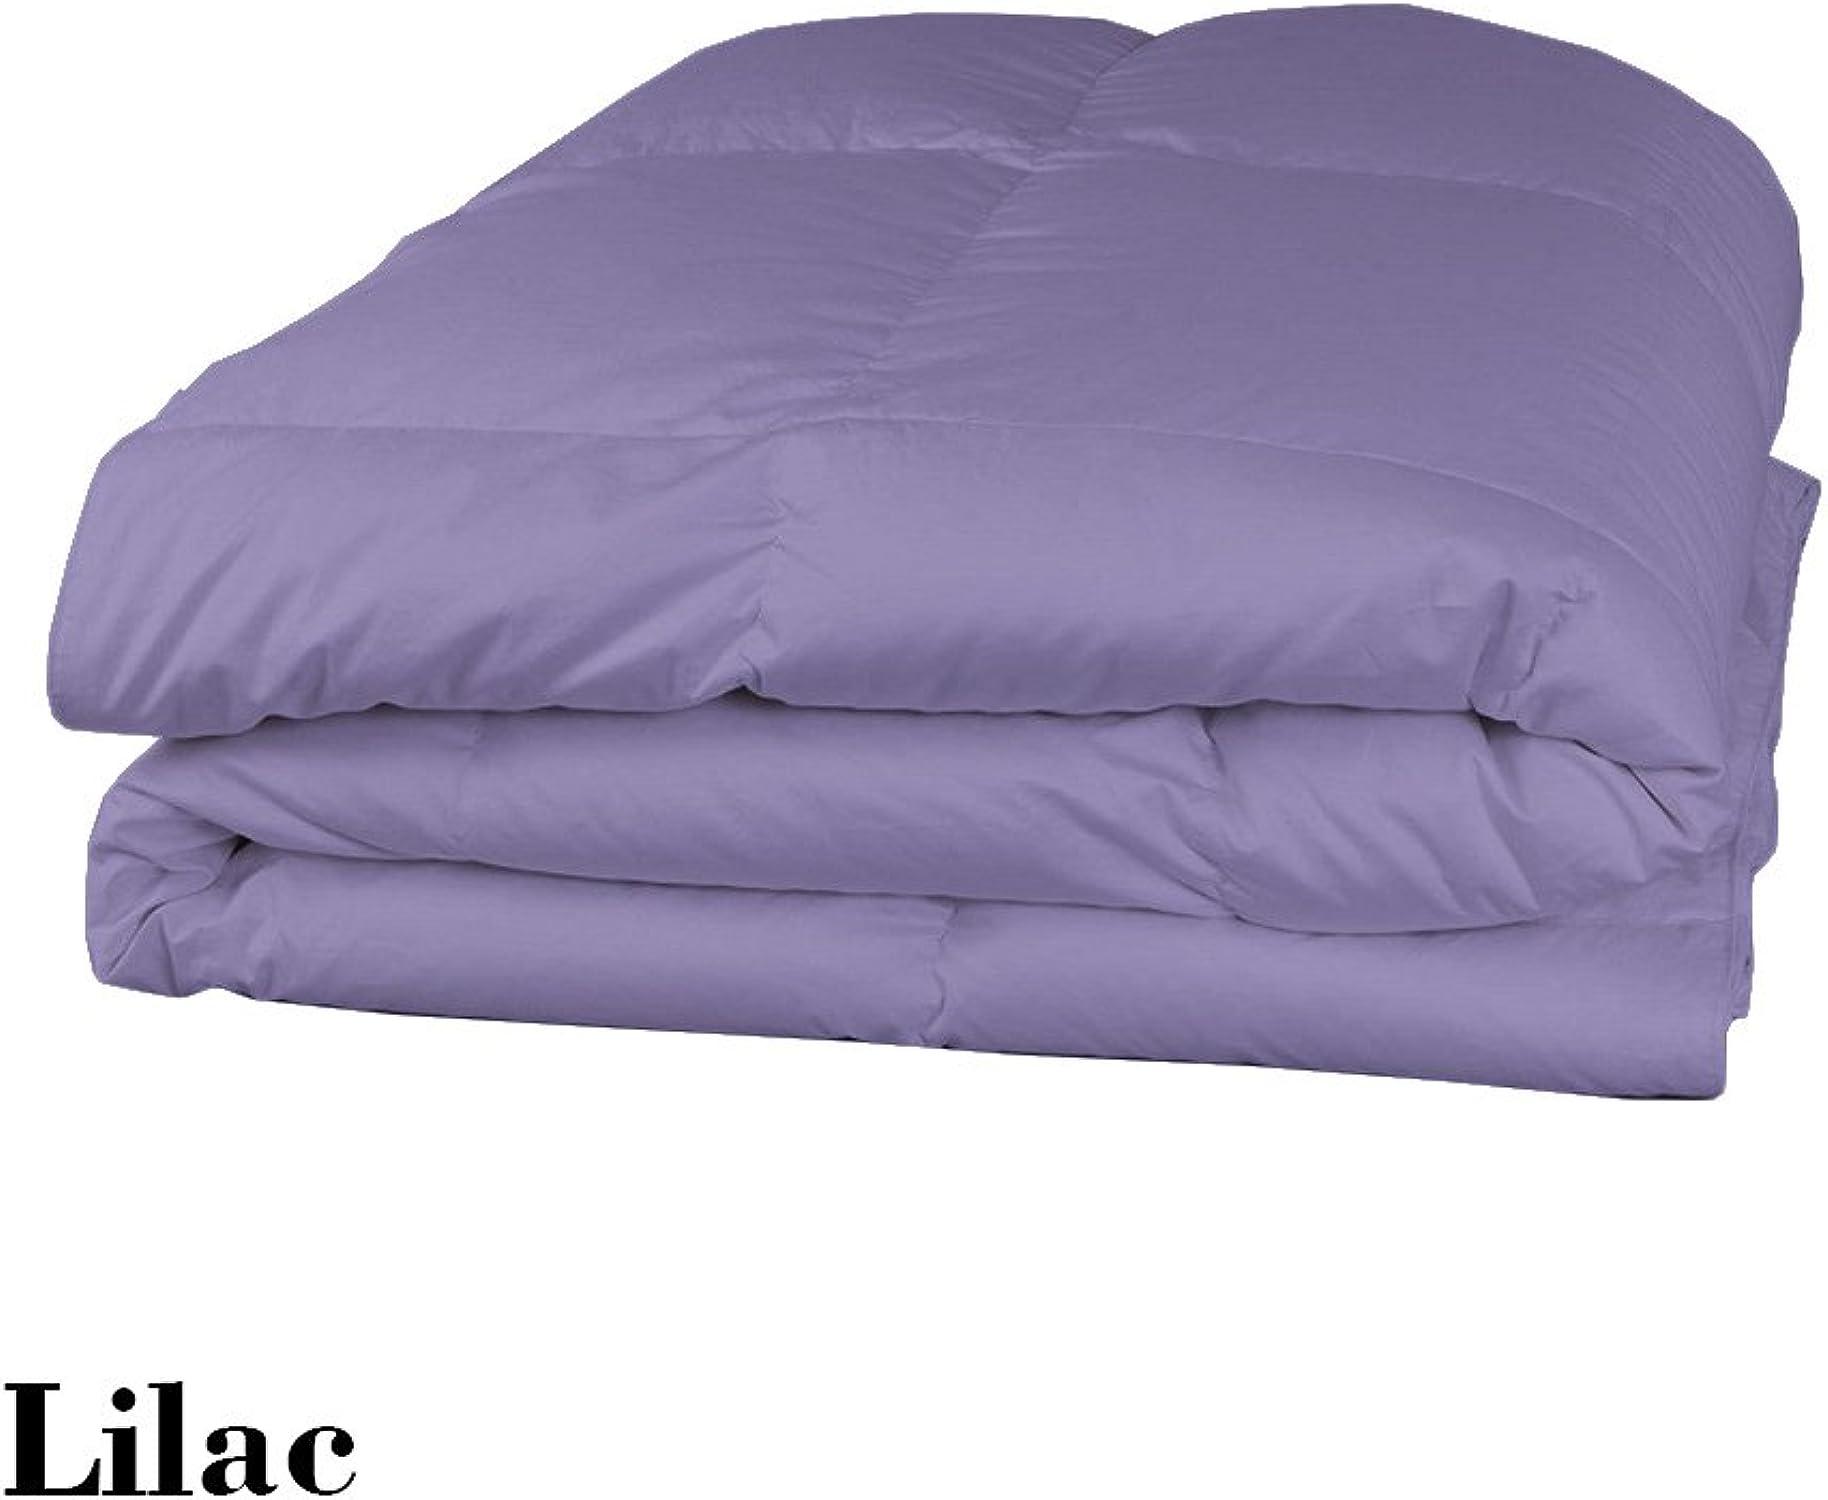 Dreamz Parure de lit Super Doux Coton égypcravaten 300Fils 1pièce Doudou (100g m2 Fibre Fill) Euro Extra Petite Unique, Lavande violets Solide 100% Coton 300tc Parure de lit